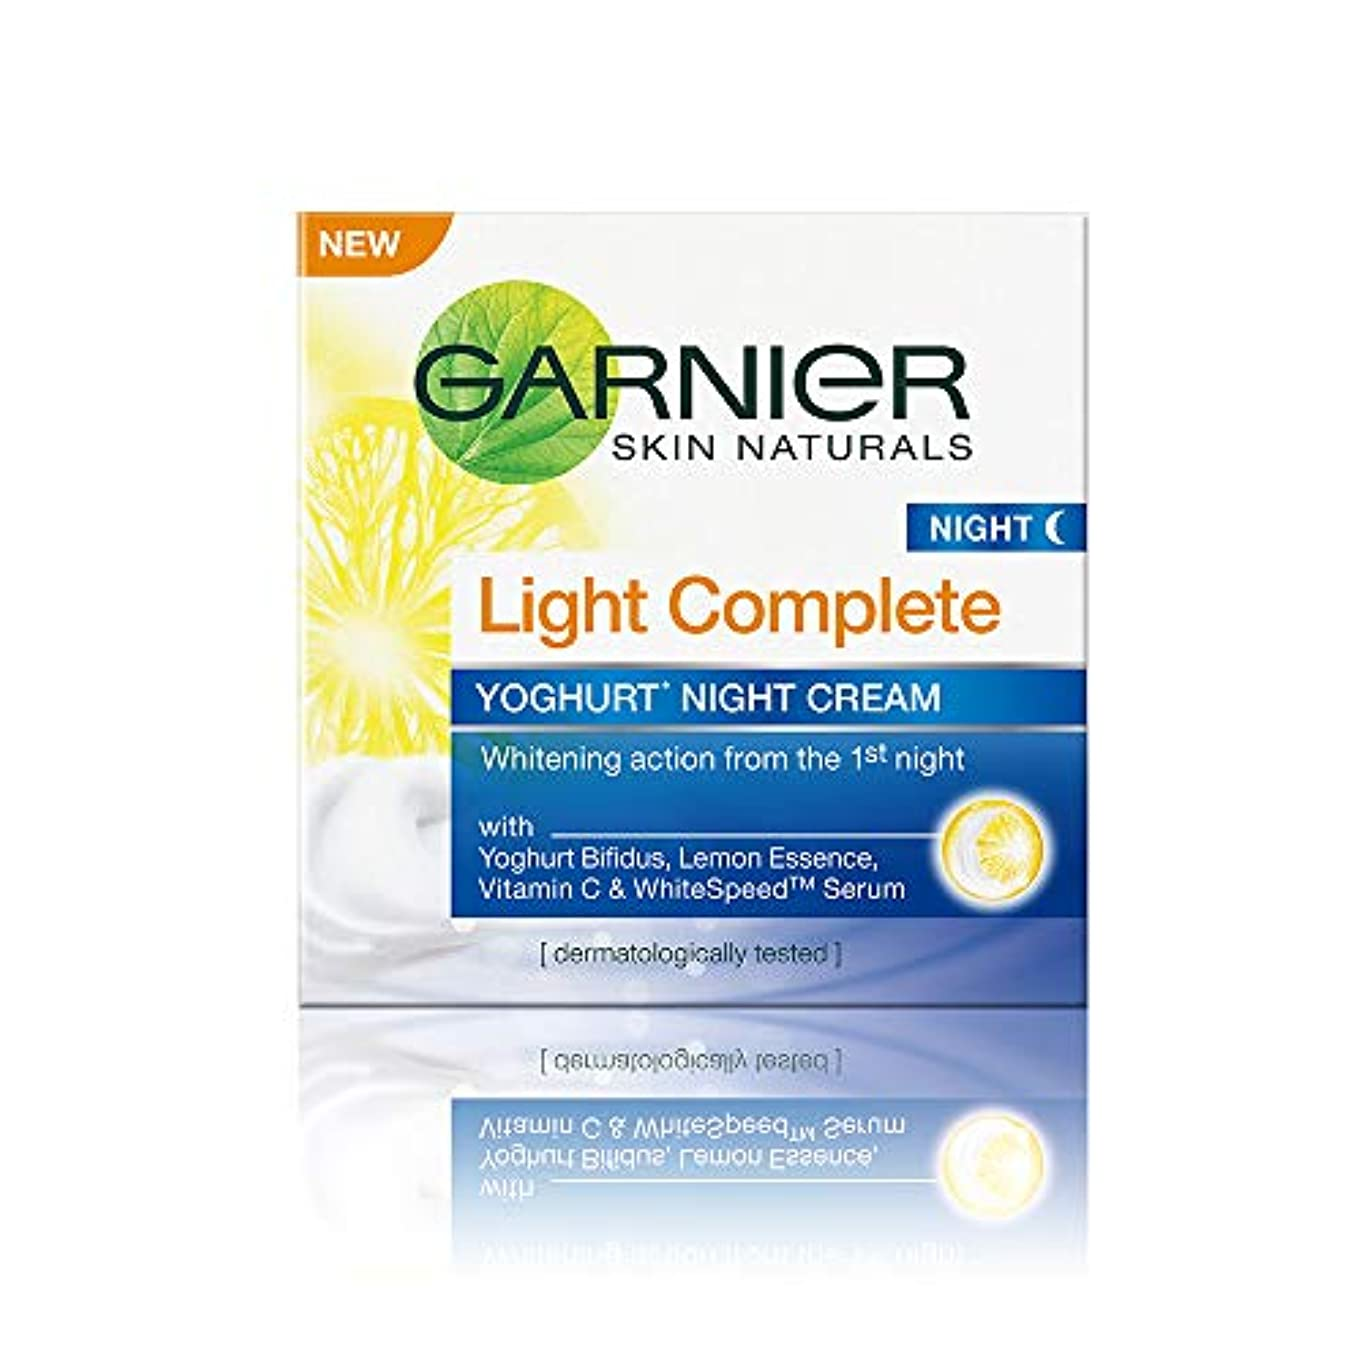 パトロール飲み込む内訳Garnier Skin Naturals Light Complete Night Cream, 40g